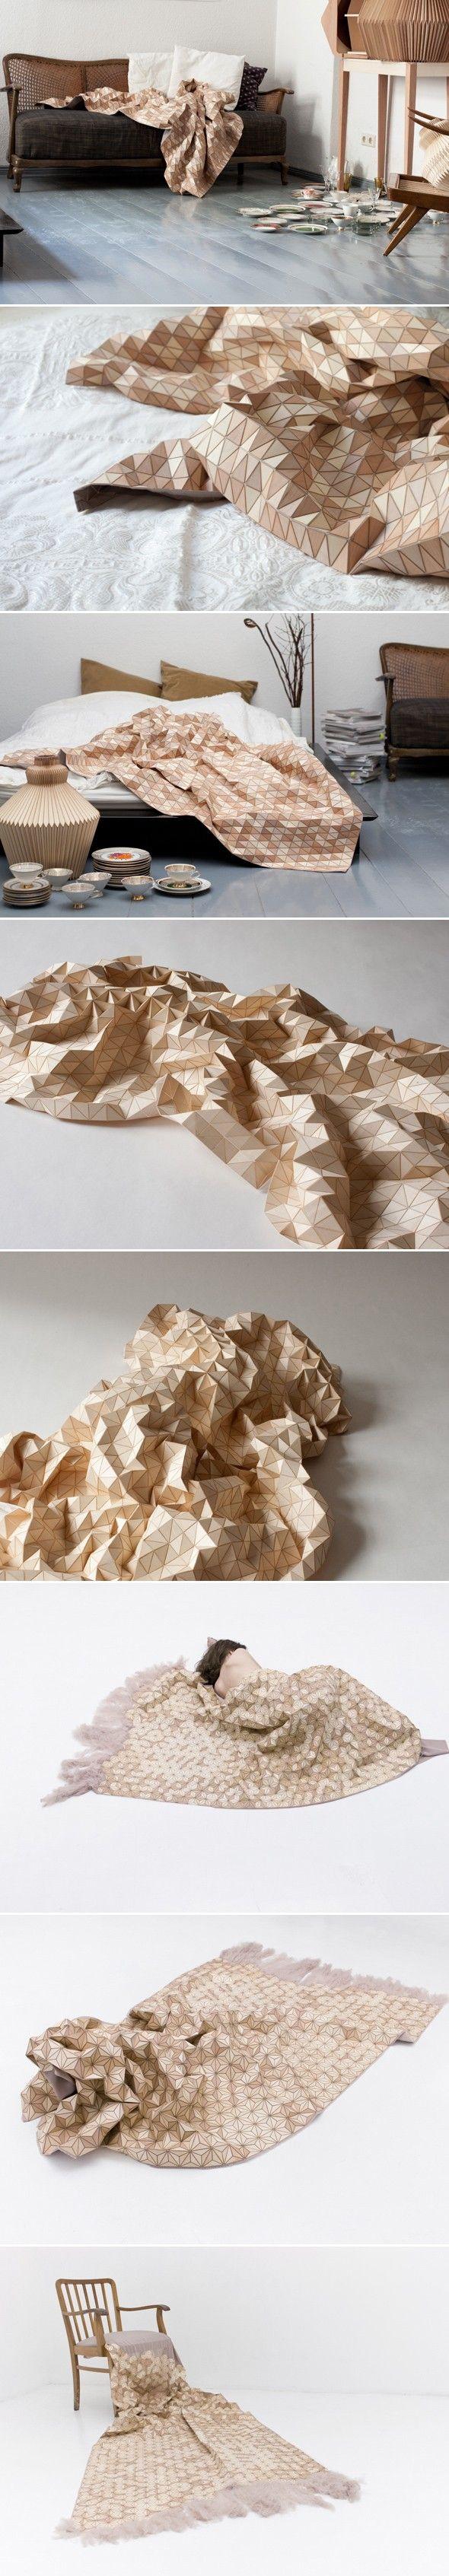 Textile en bois par Elisa Strozyk - Journal du Design